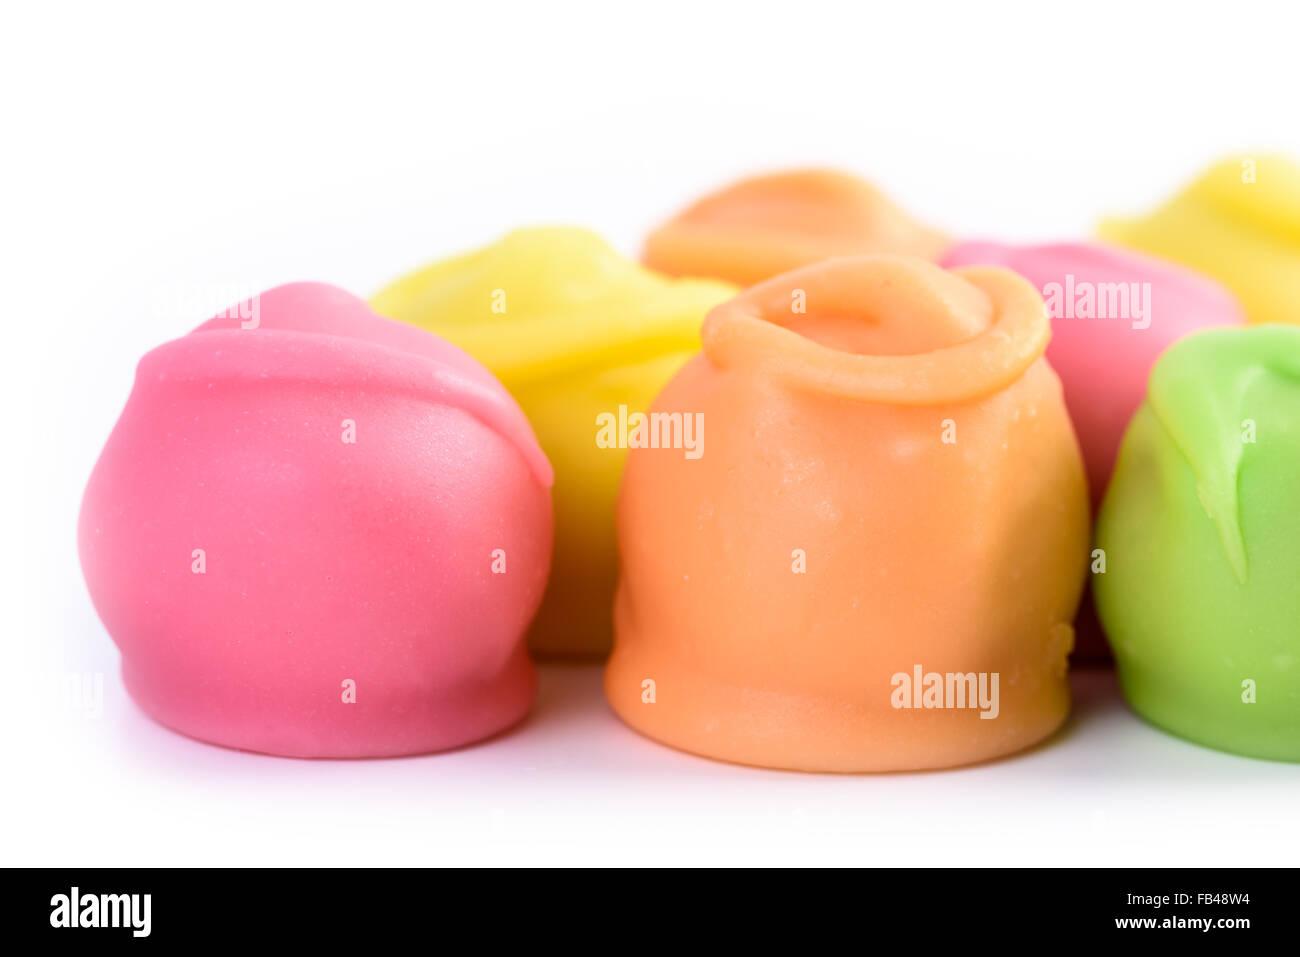 background colorful bonbons stockfotos background colorful bonbons bilder alamy. Black Bedroom Furniture Sets. Home Design Ideas